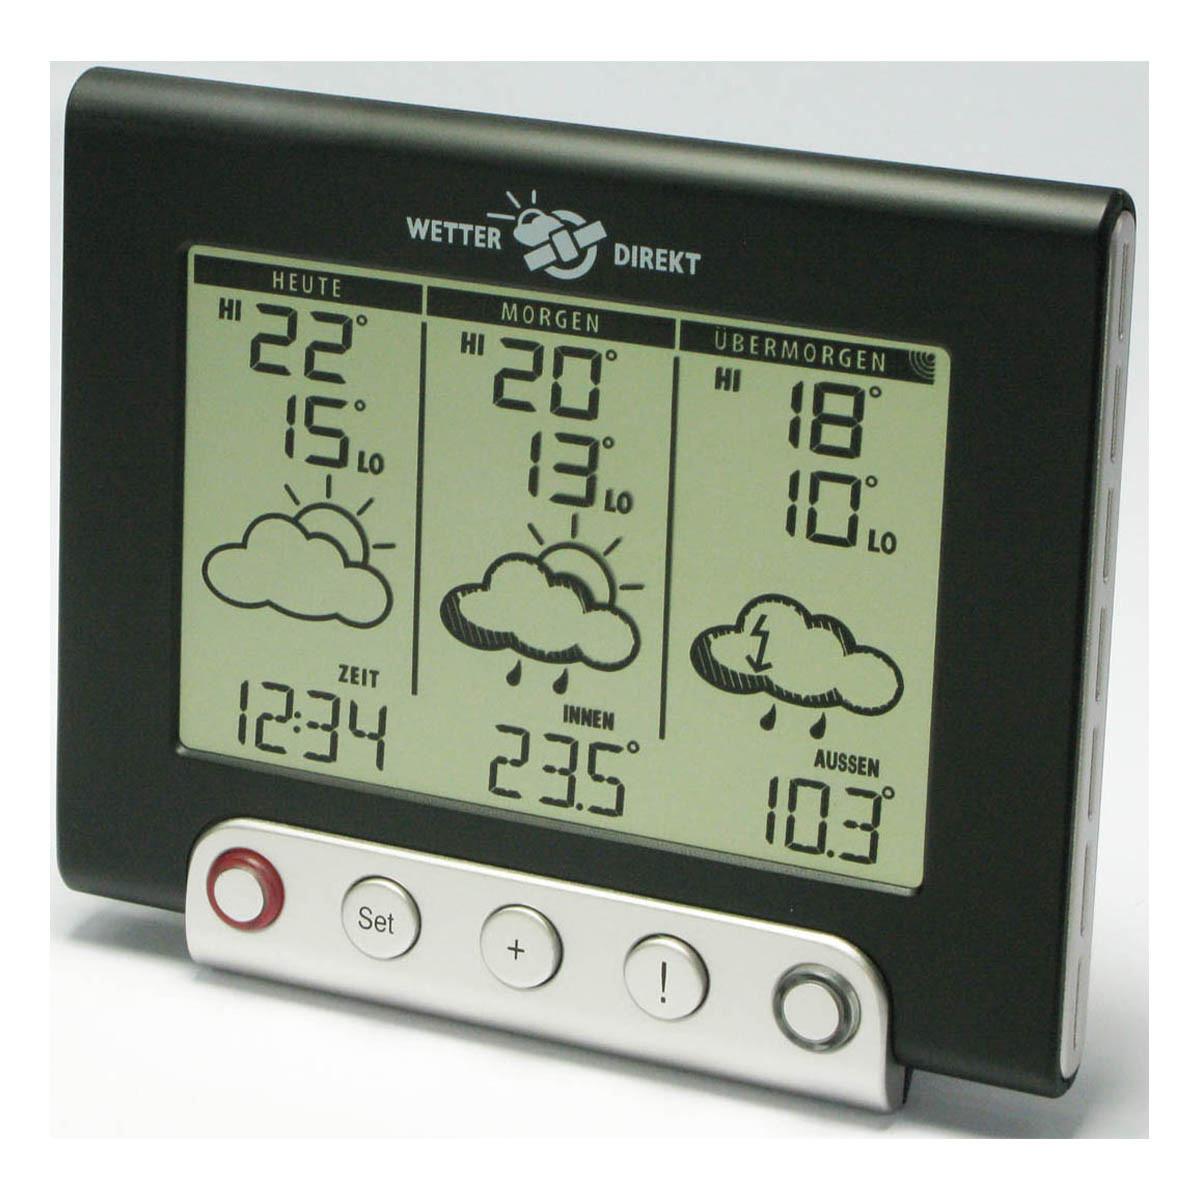 35-5052-it-satellitengestützte-funk-wetterstation-mit-wetterwarnung-tempesta-300-s-ansicht-1200x1200px.jpg